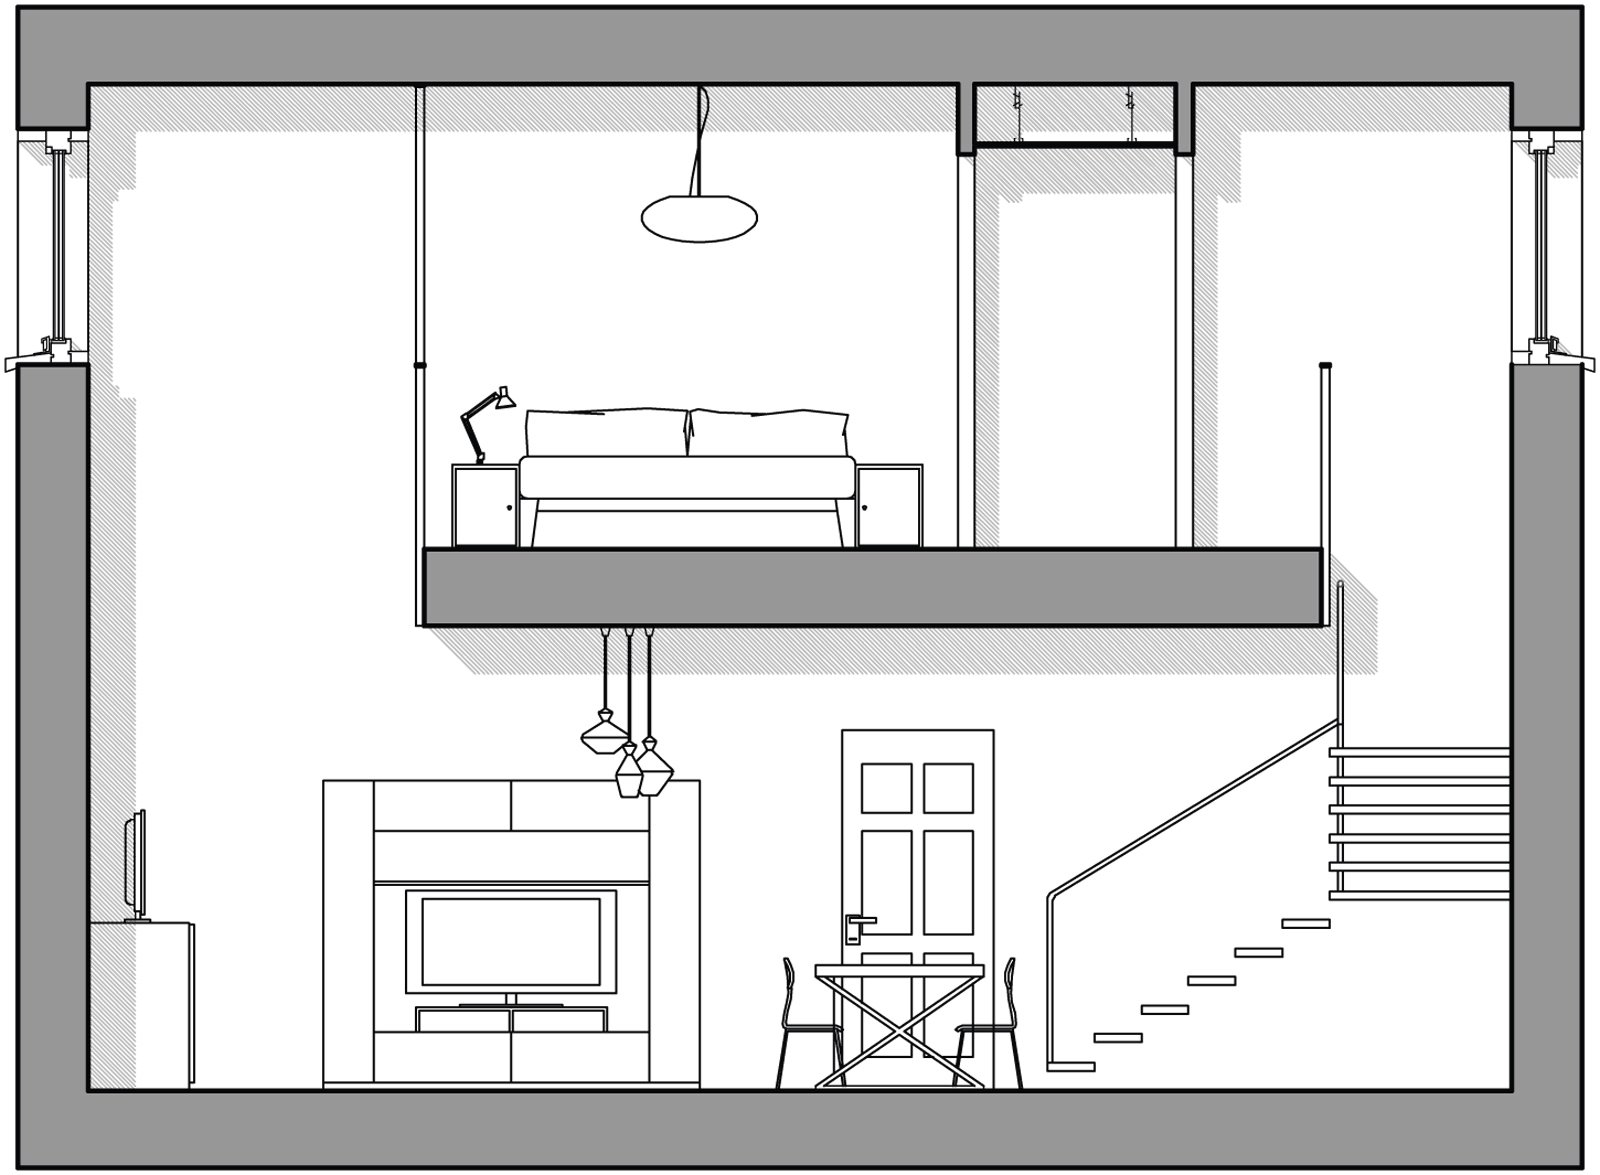 Pi luce 10 idee per moltiplicarla cose di casa - Finestra che si apre sul lato superiore ...